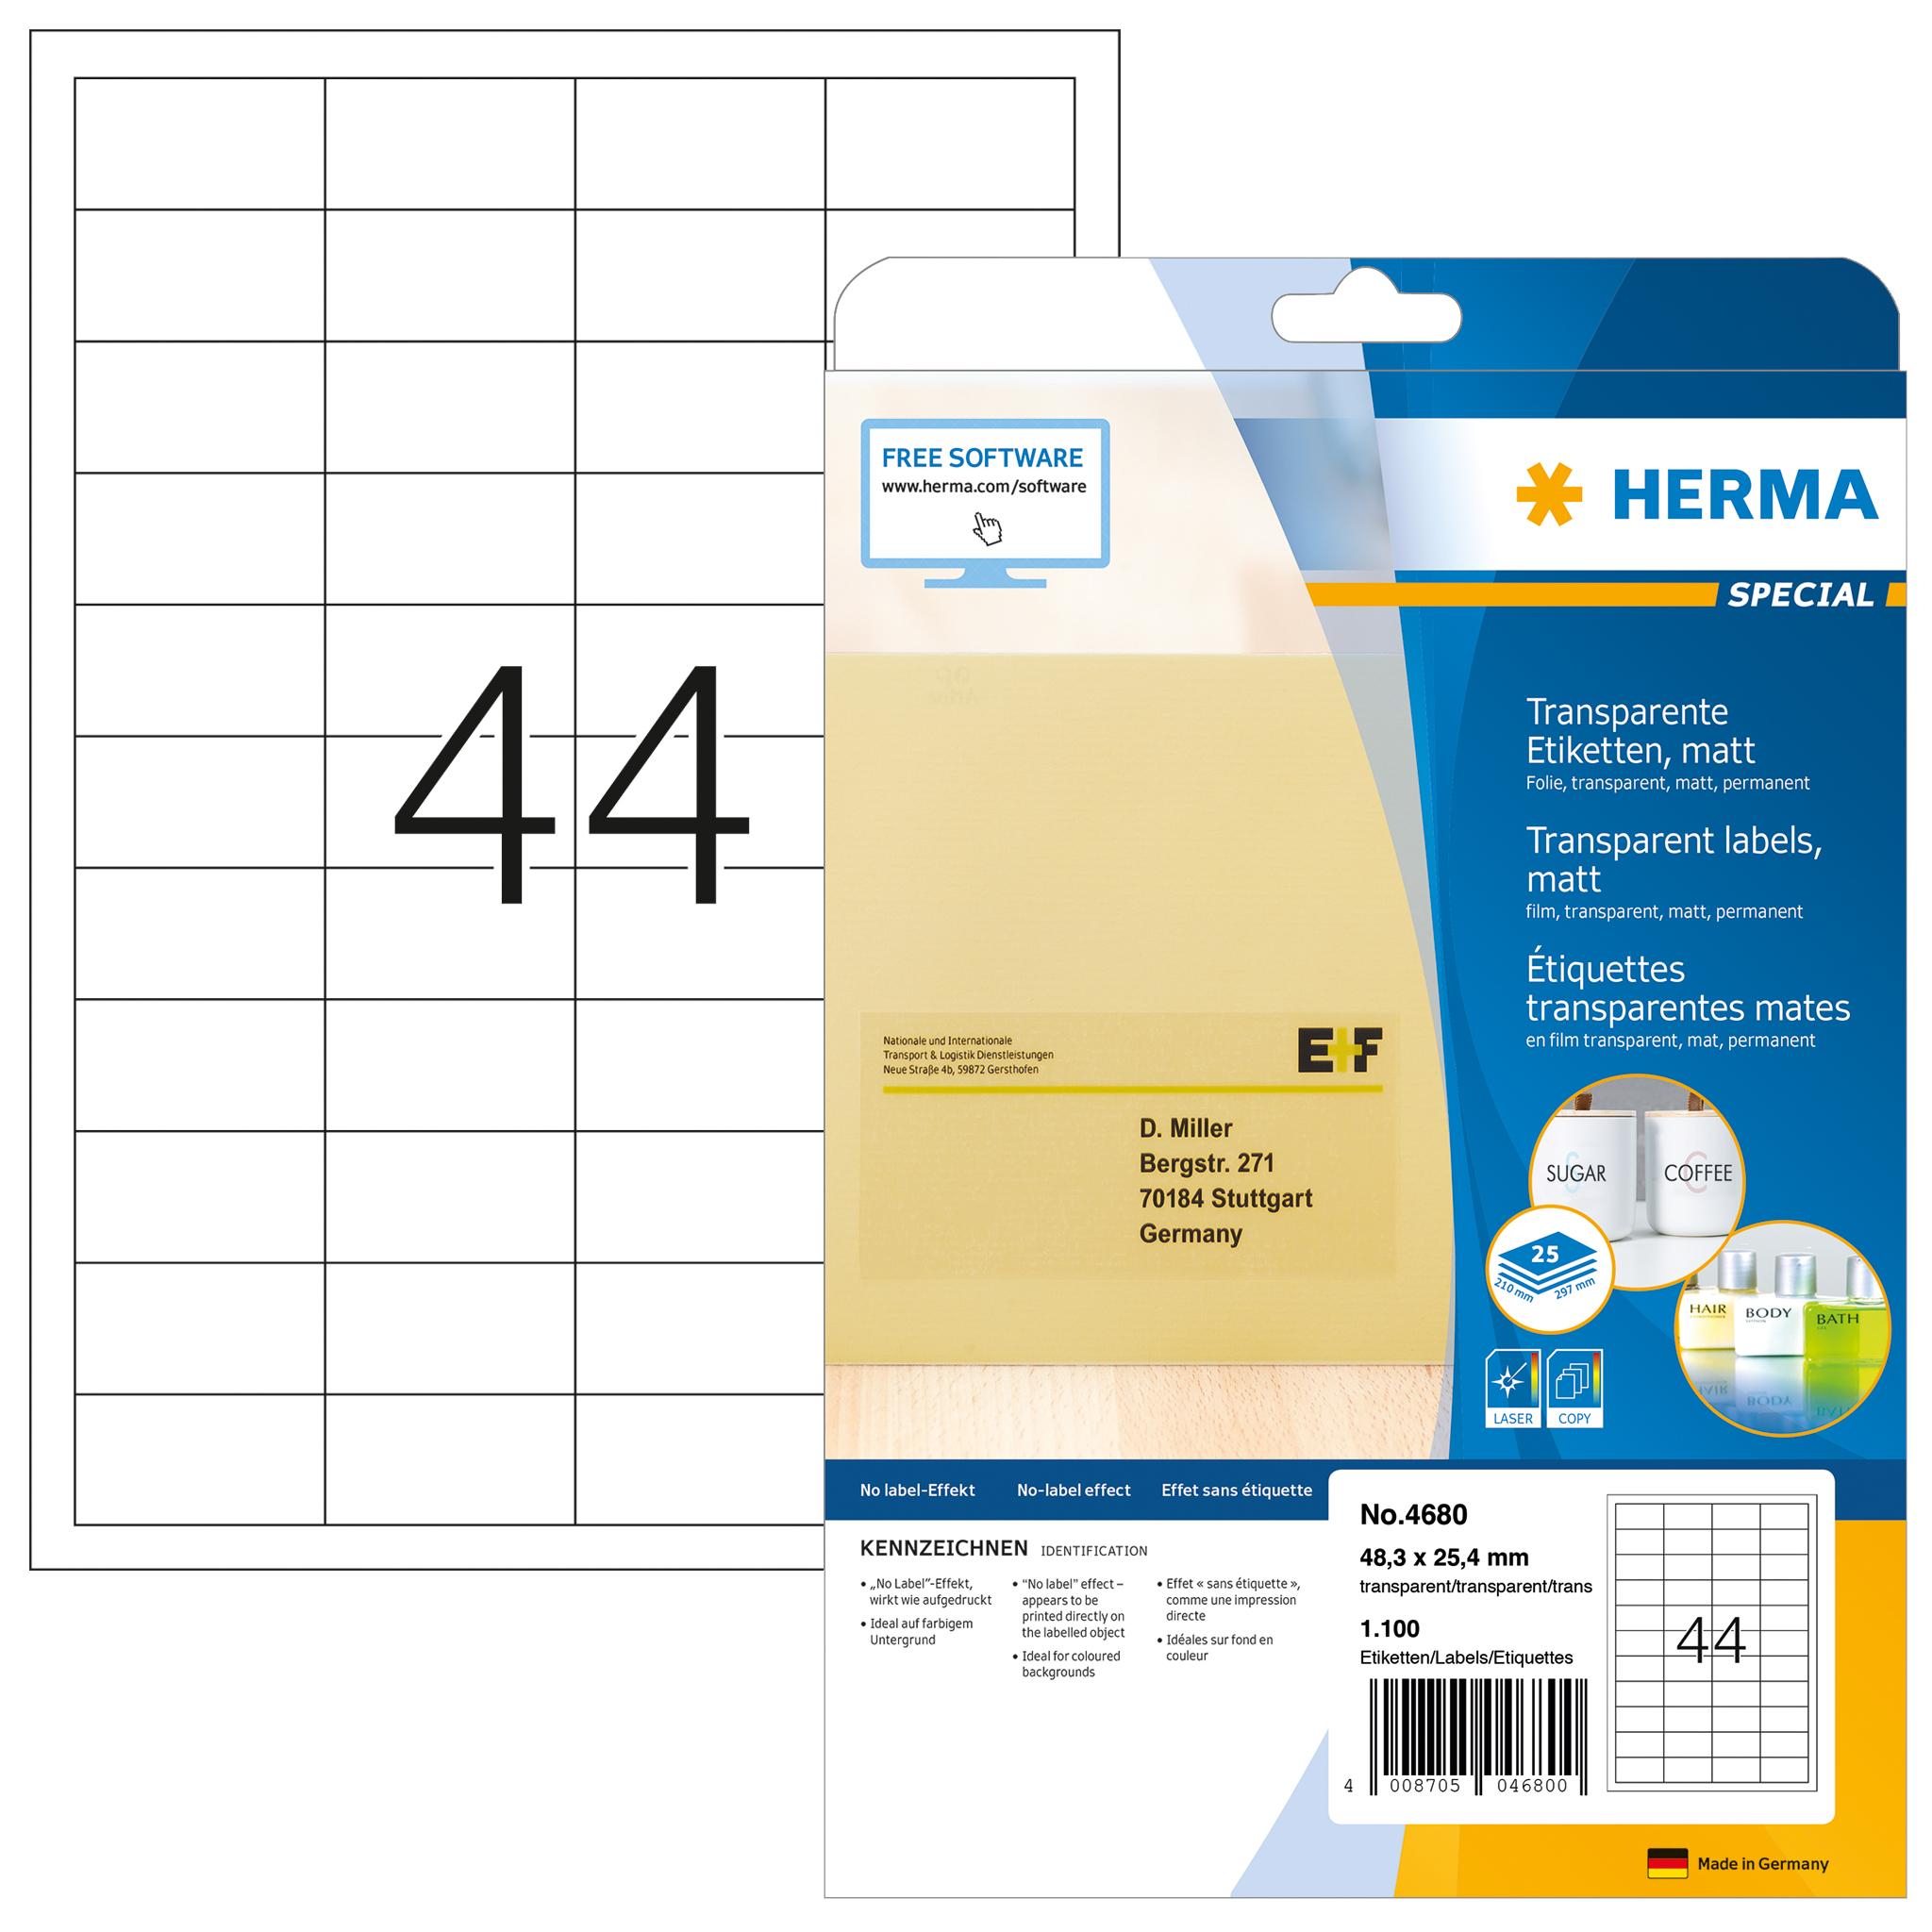 Transparente Etikettenaufkleber Für Laserdrucker Herma